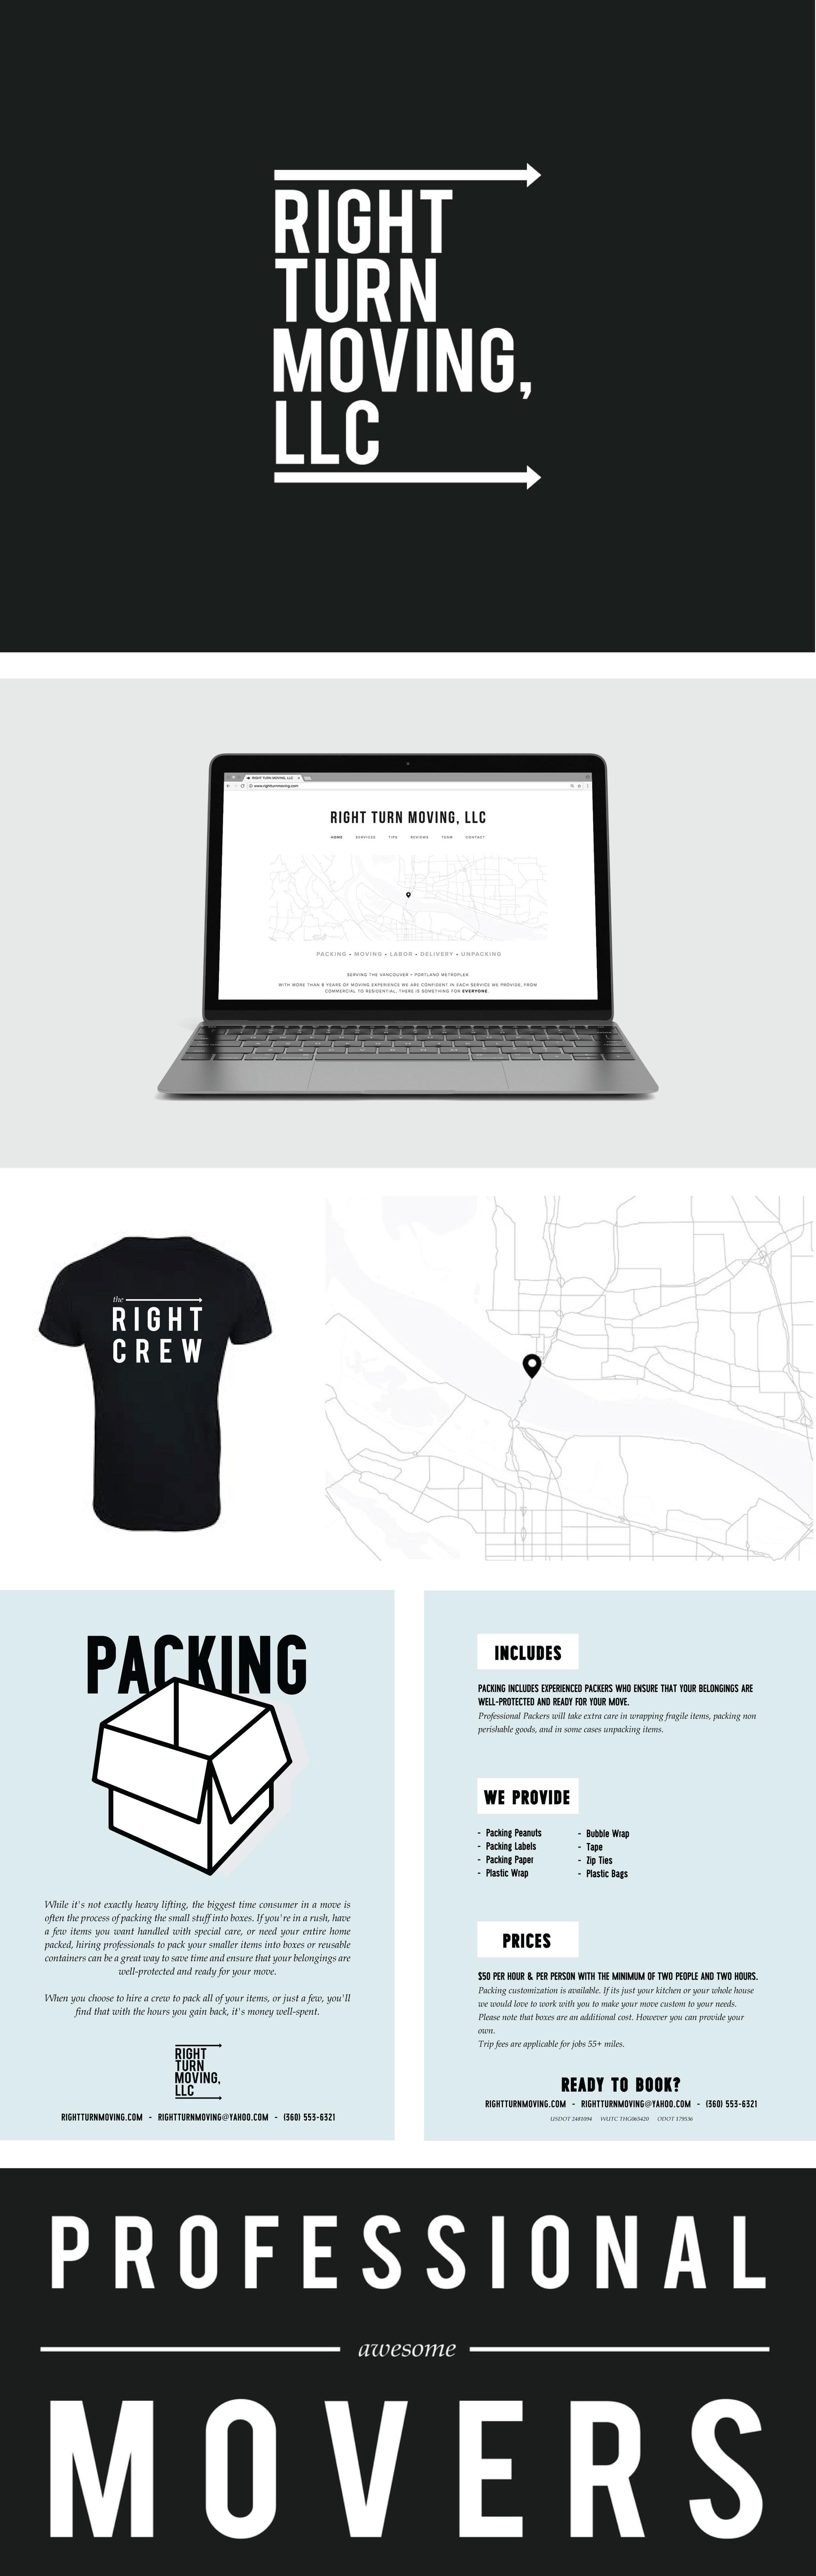 rtm-brand-package-for-blog.jpg